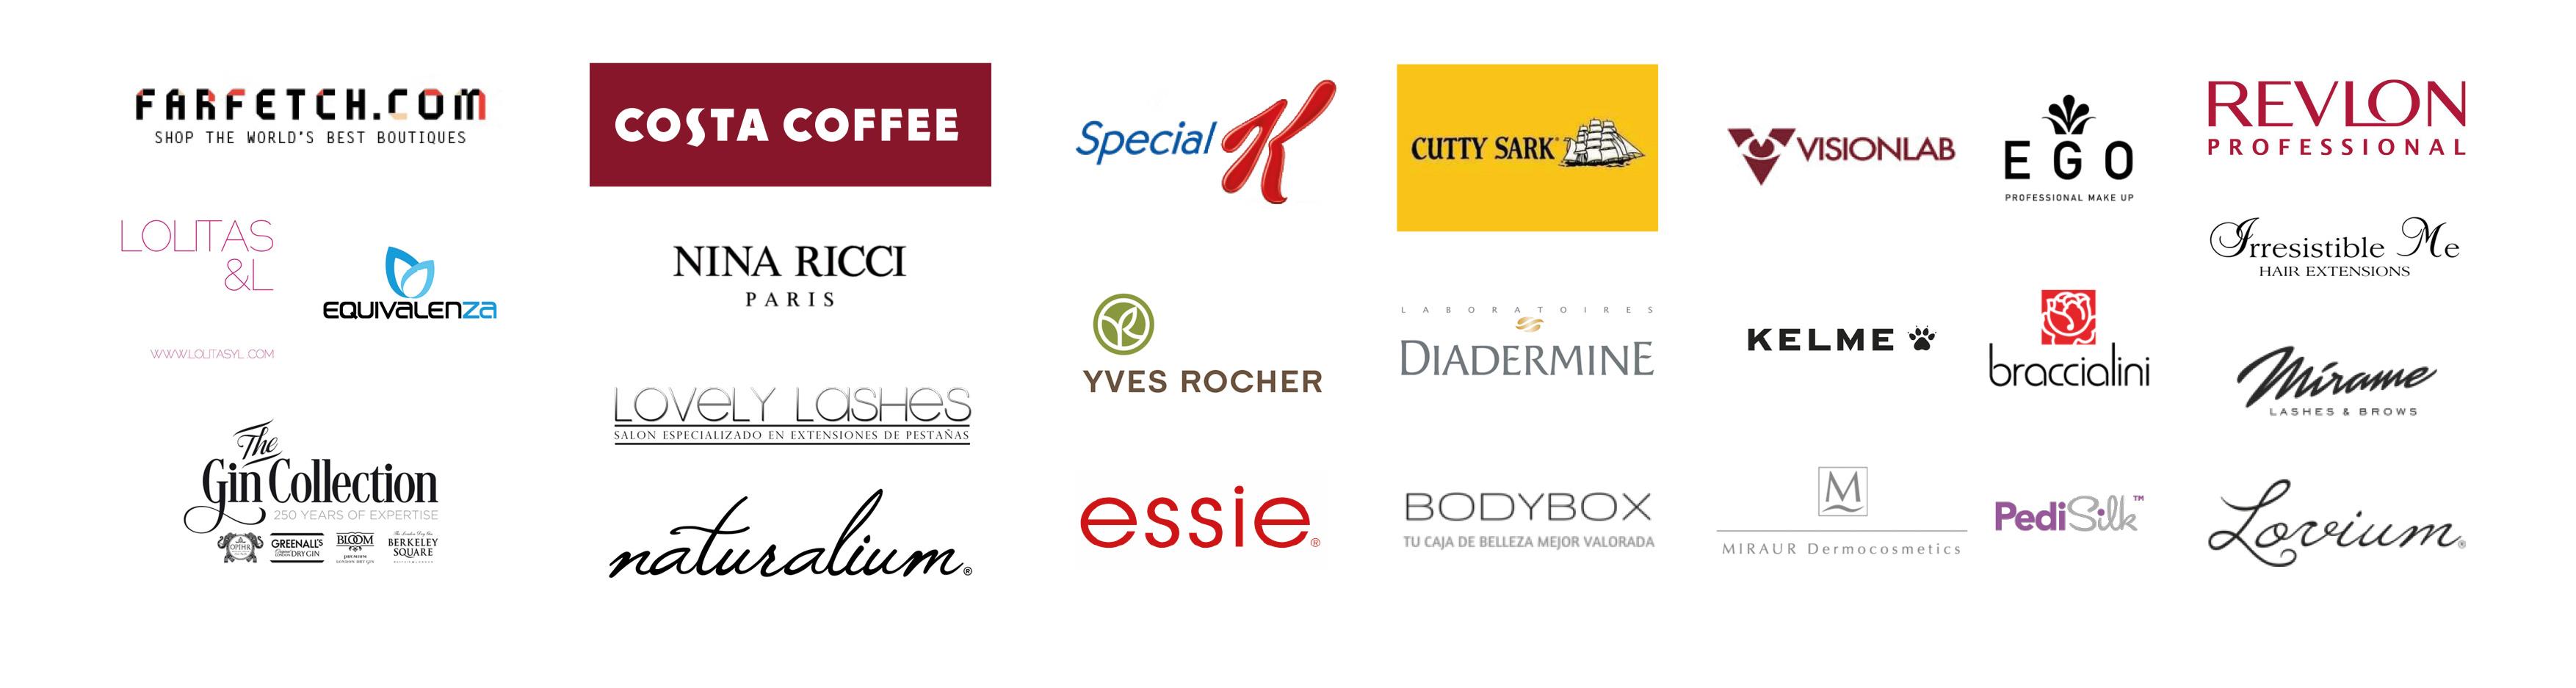 Press-Kit-marcas